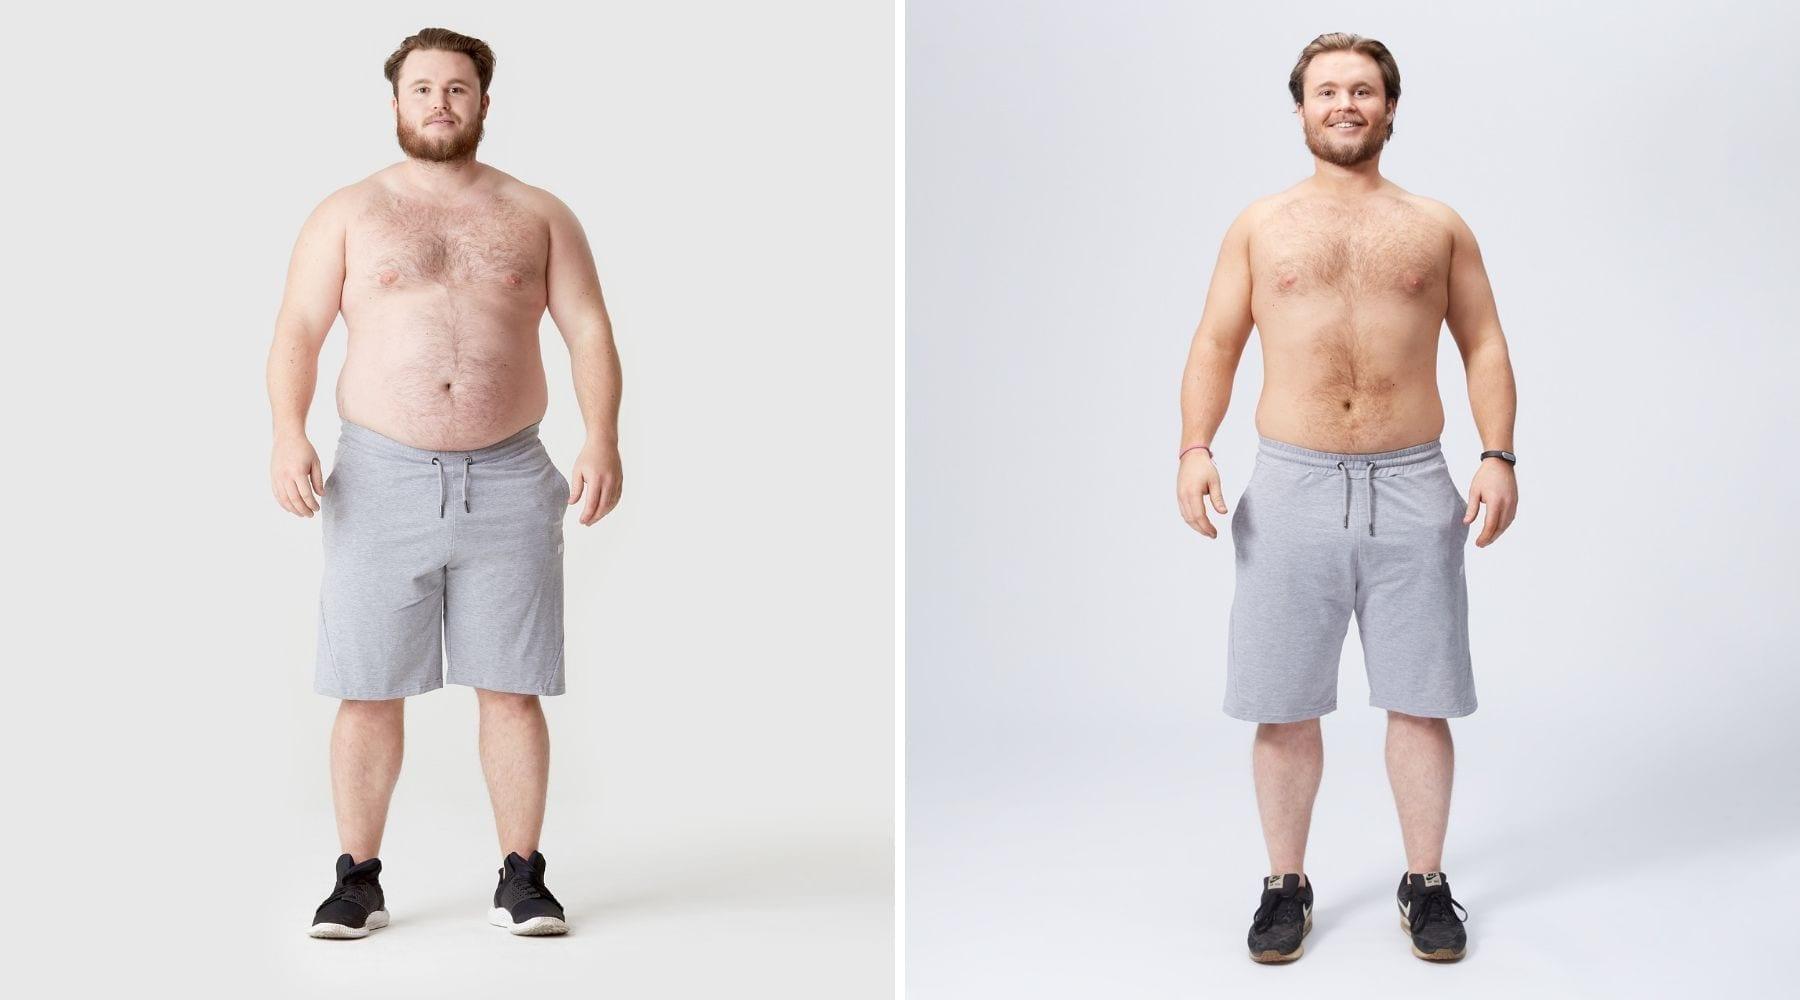 pierderea în greutate pierde dimensiunea sânilor)